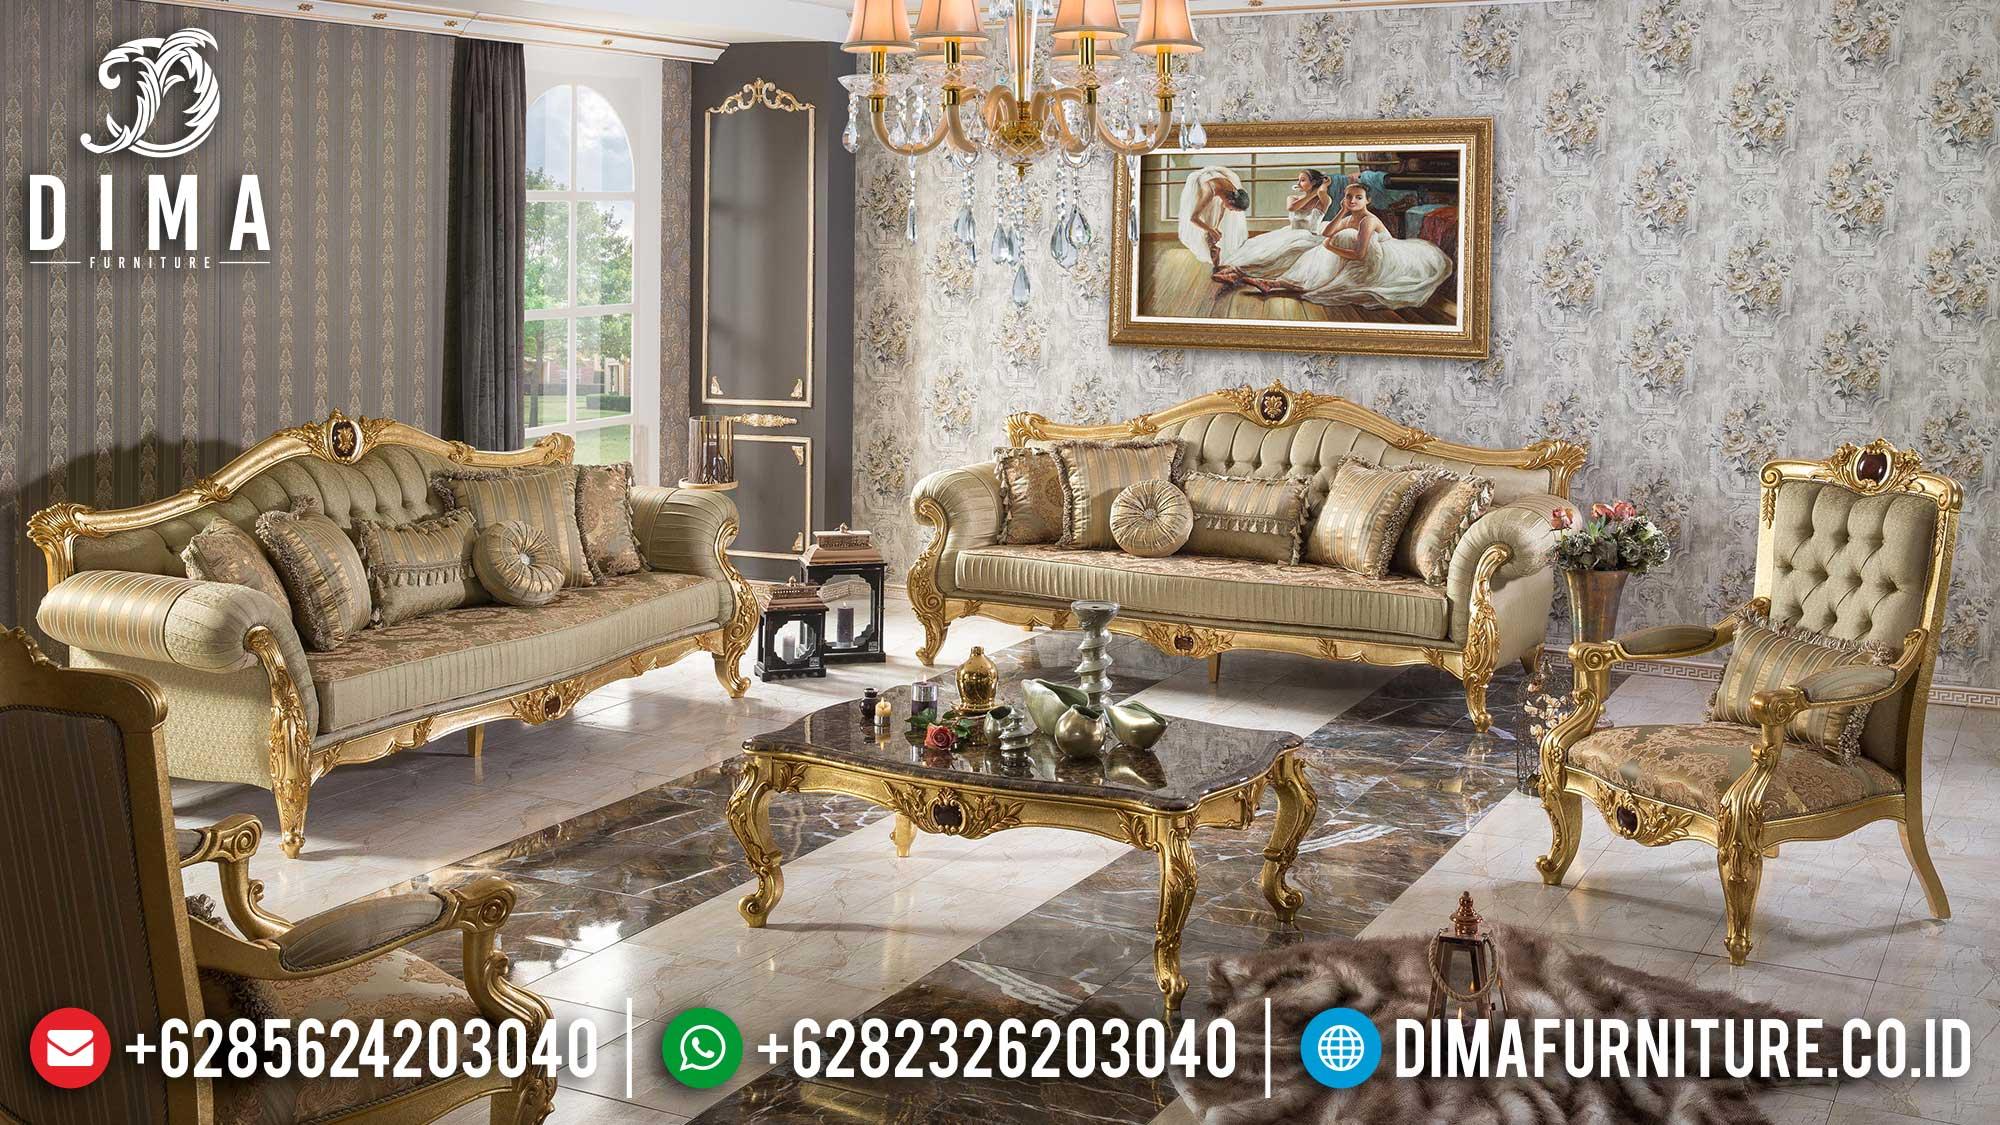 Sofa Tamu Mewah Jepara Golden Shine Luxury Color Furniture Jepara Terbaru Mm-0959